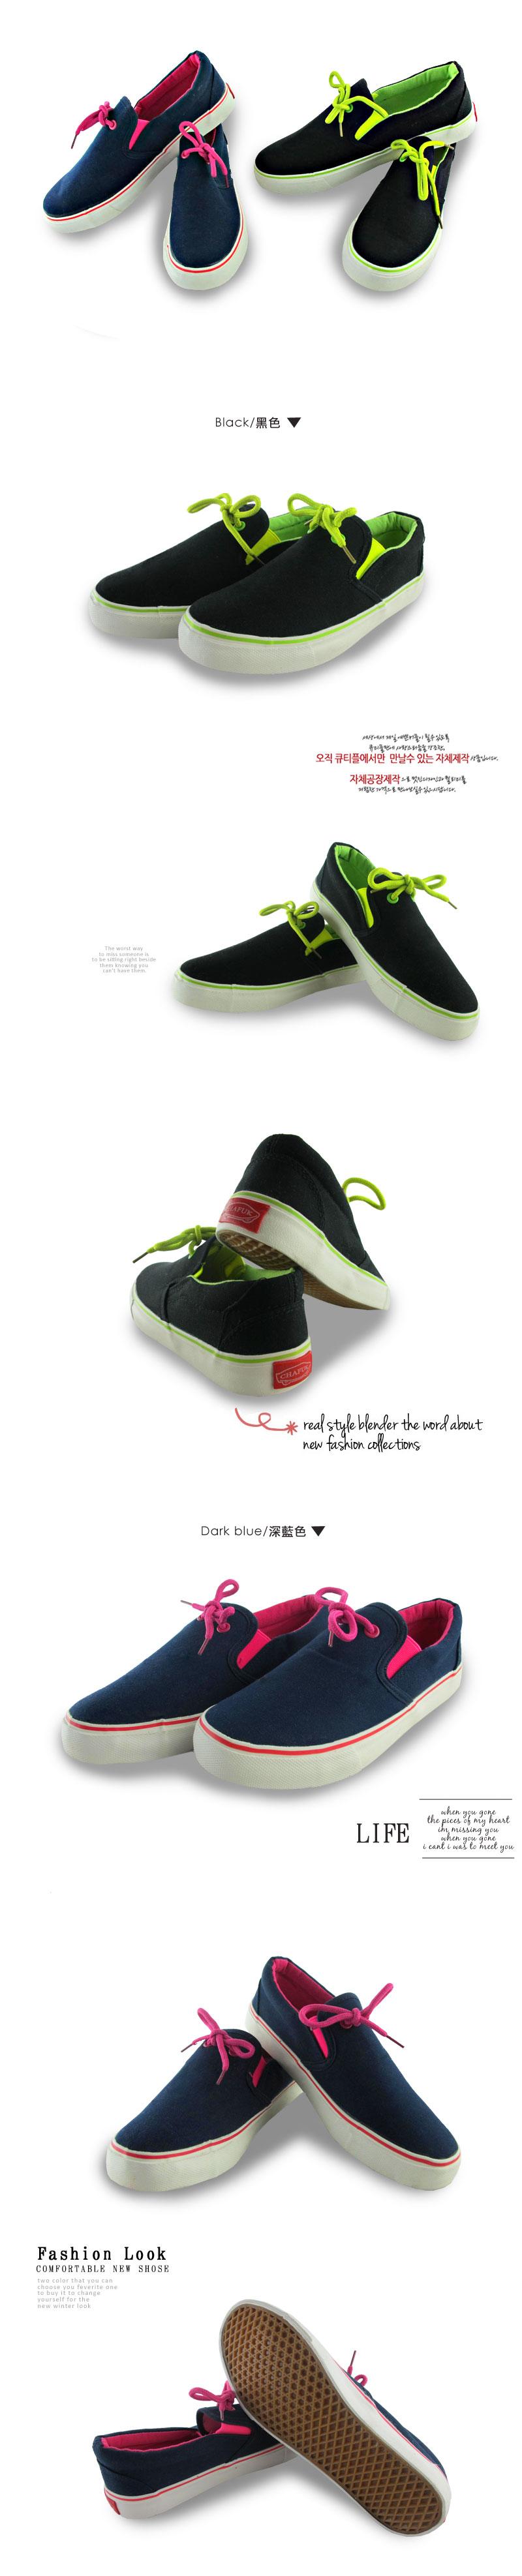 休閒鞋 36~39  平底鞋 簡單設計 舒適百搭款   亮彩配色休閒鞋【P8239】艾咪E舖.購買三雙以上請使用宅配!